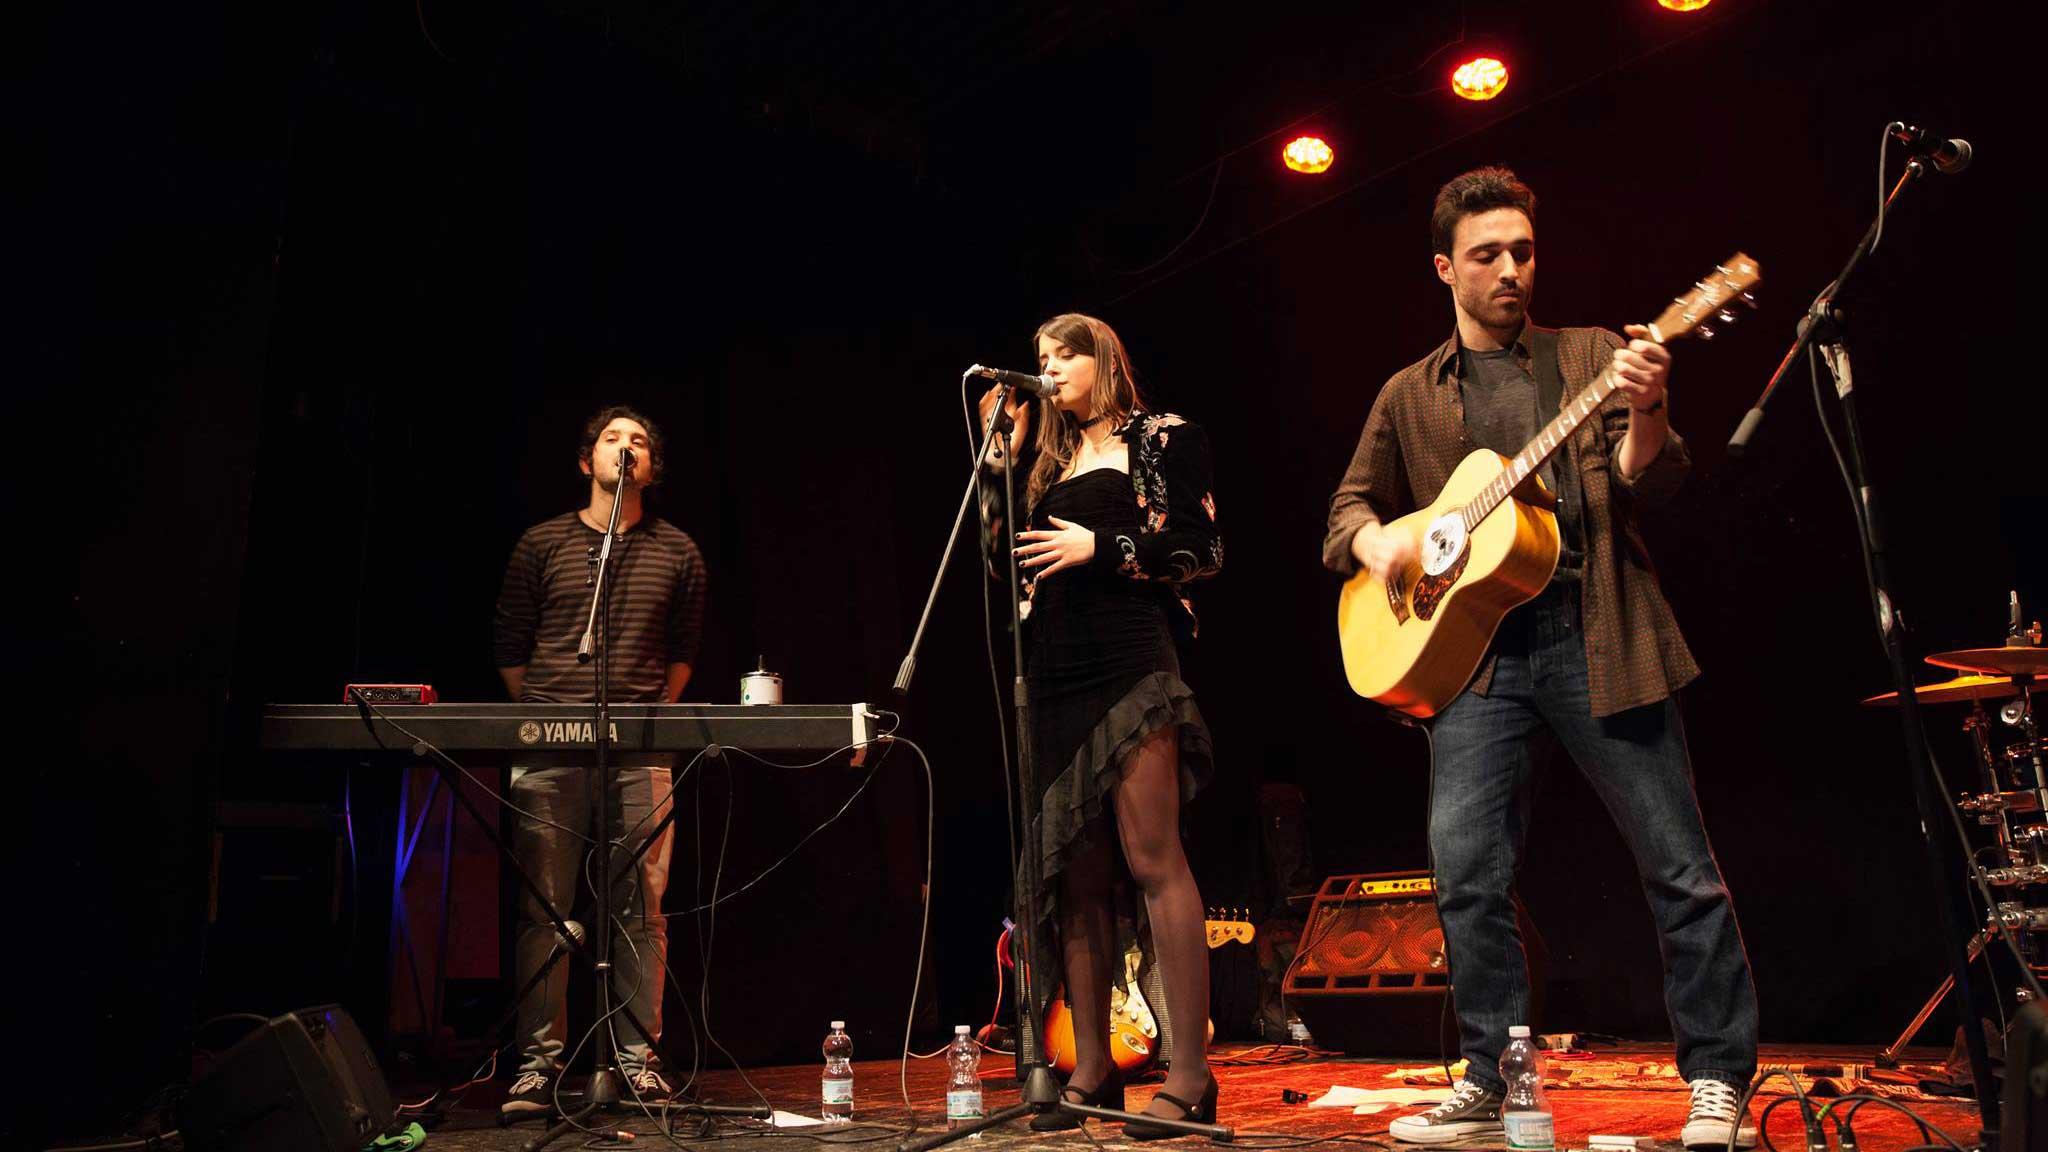 Il gruppo Greta & The Wheels aprono la rassegna musicale Aperitivi d'emergenza